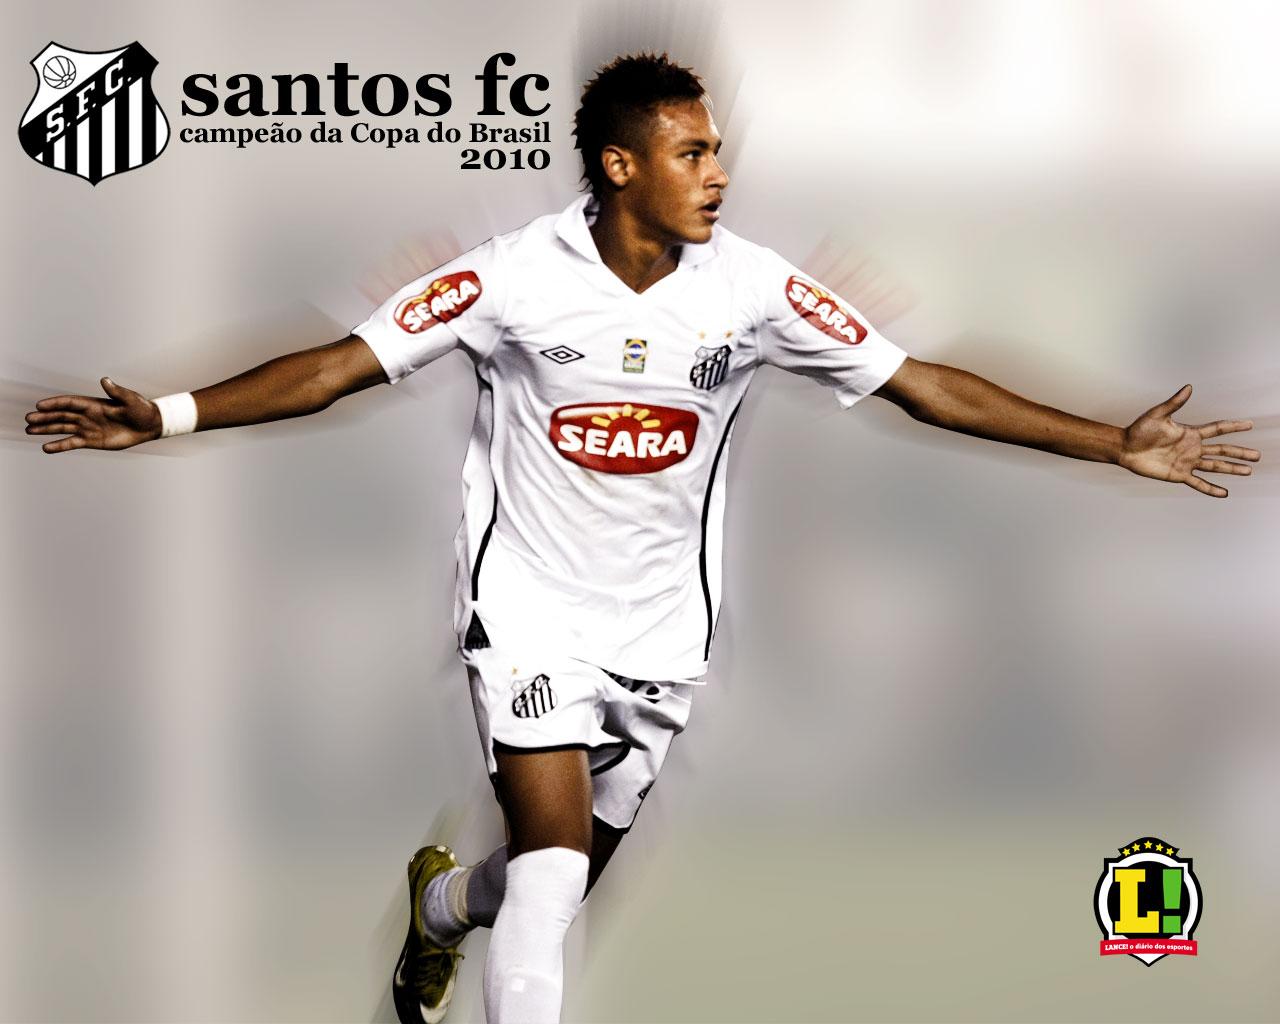 http://1.bp.blogspot.com/-vgggDmlFh-M/Tz9p7beWQCI/AAAAAAAACLQ/l5HwDvJouQs/s1600/Neymar-Wallpaper-2012-01.jpg